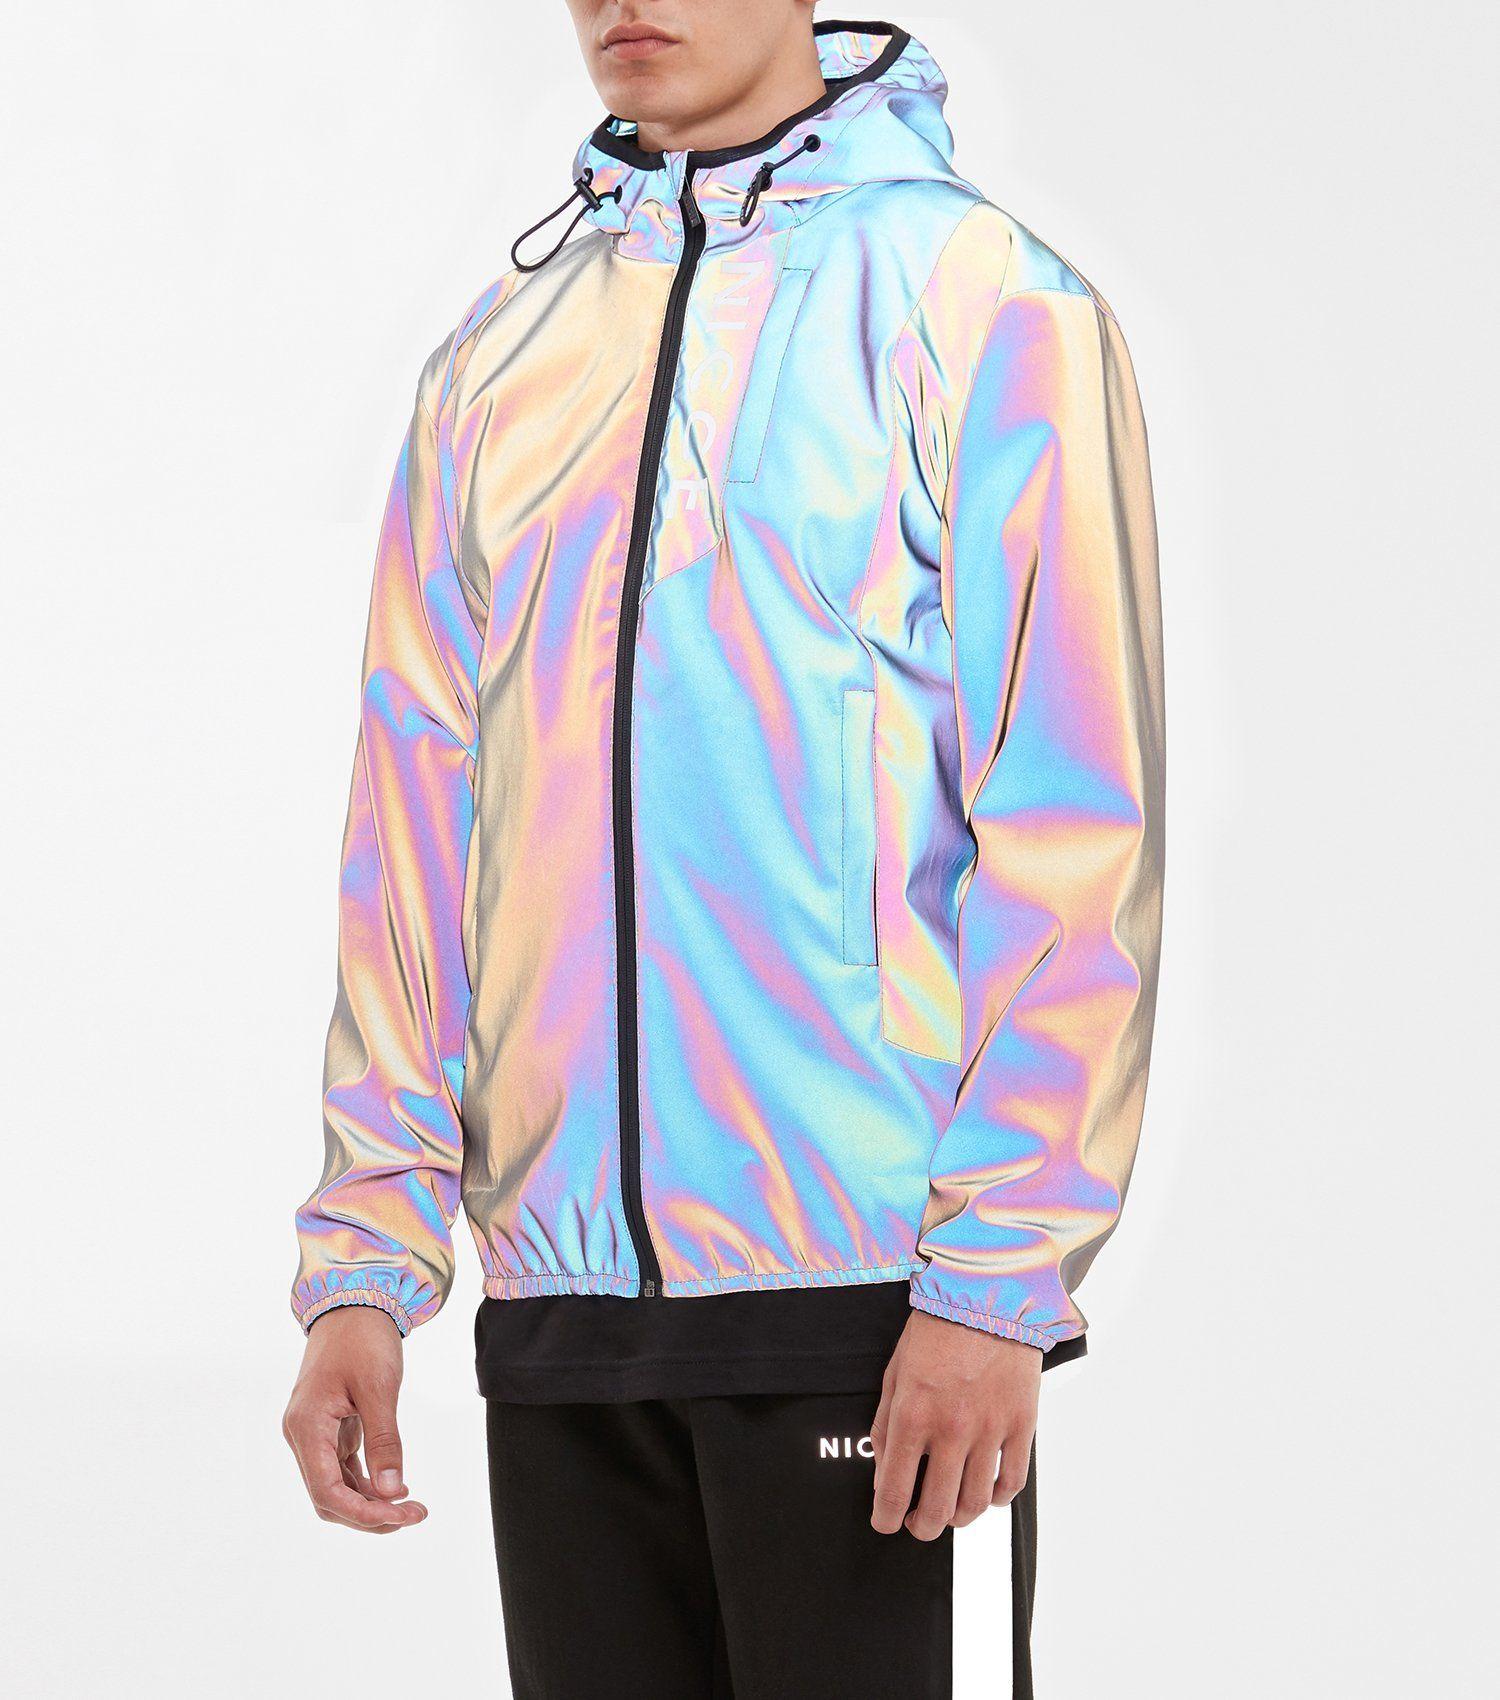 Reflective Sole Boy Rainbow Iridescent Puffer Jacket Right Jackets Fashion Holographic Jacket Reflective Clothing [ 1700 x 1500 Pixel ]